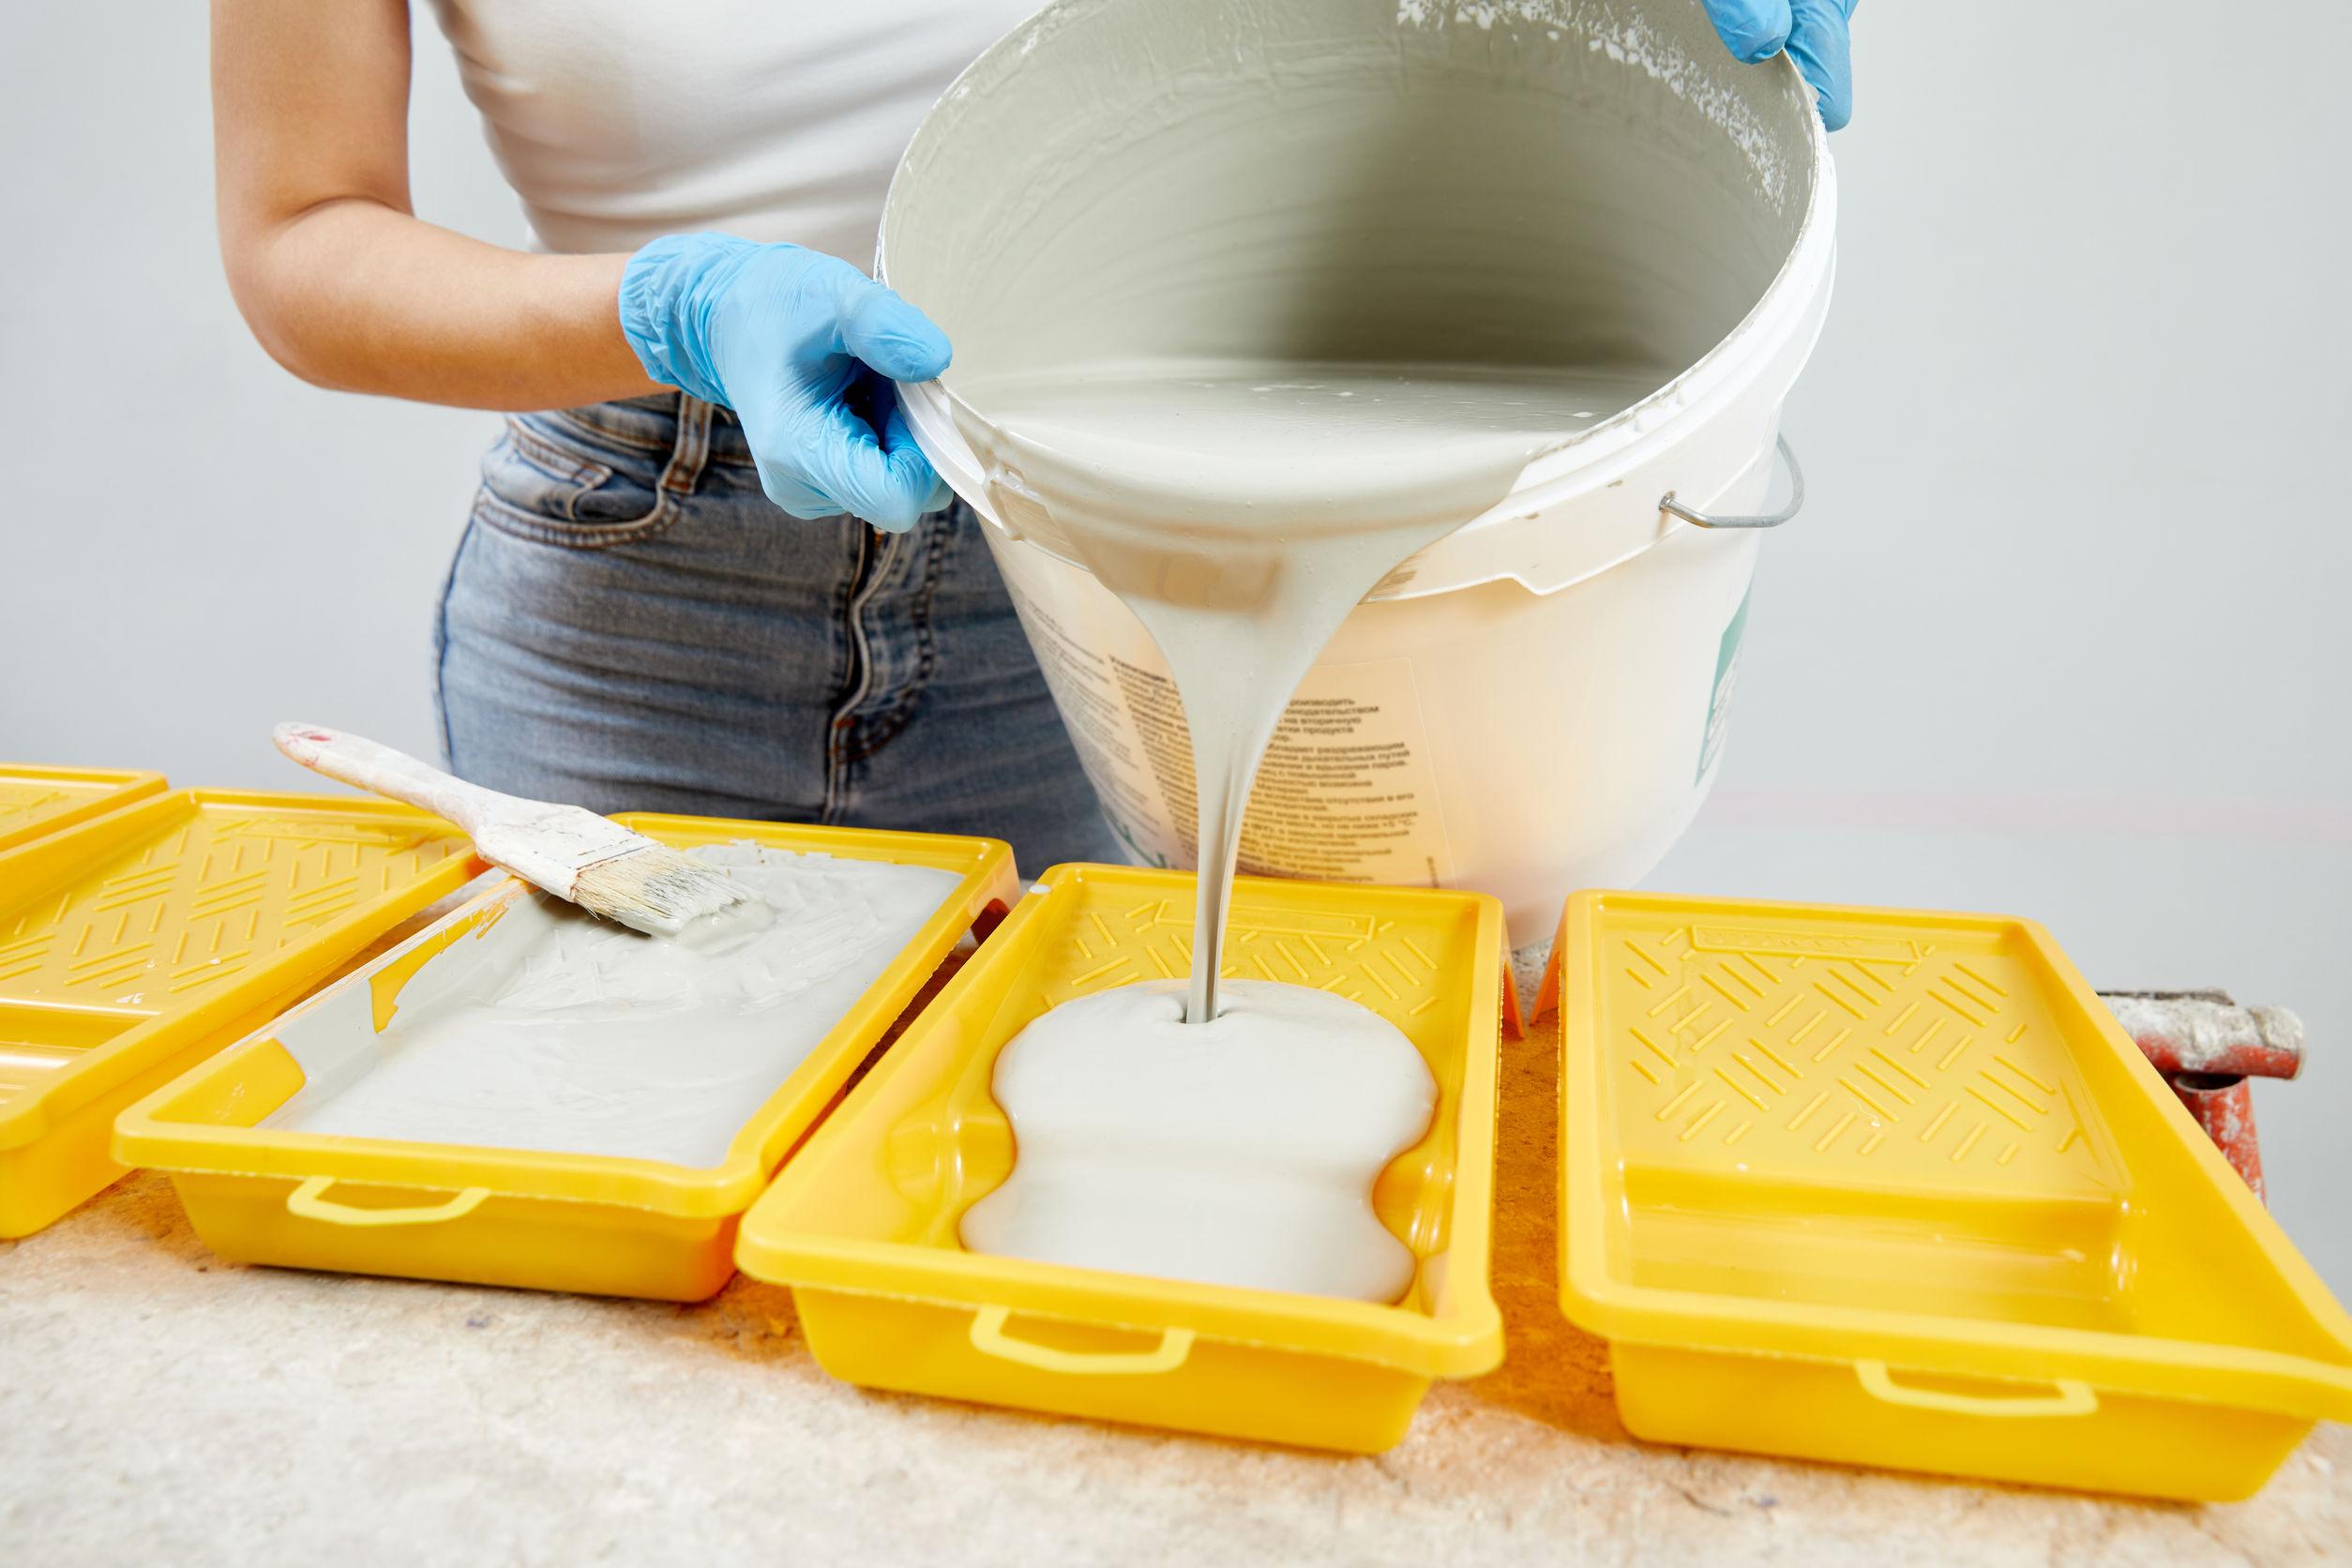 Mujer joven vertiendo pintura en la bandeja de pintura plástica